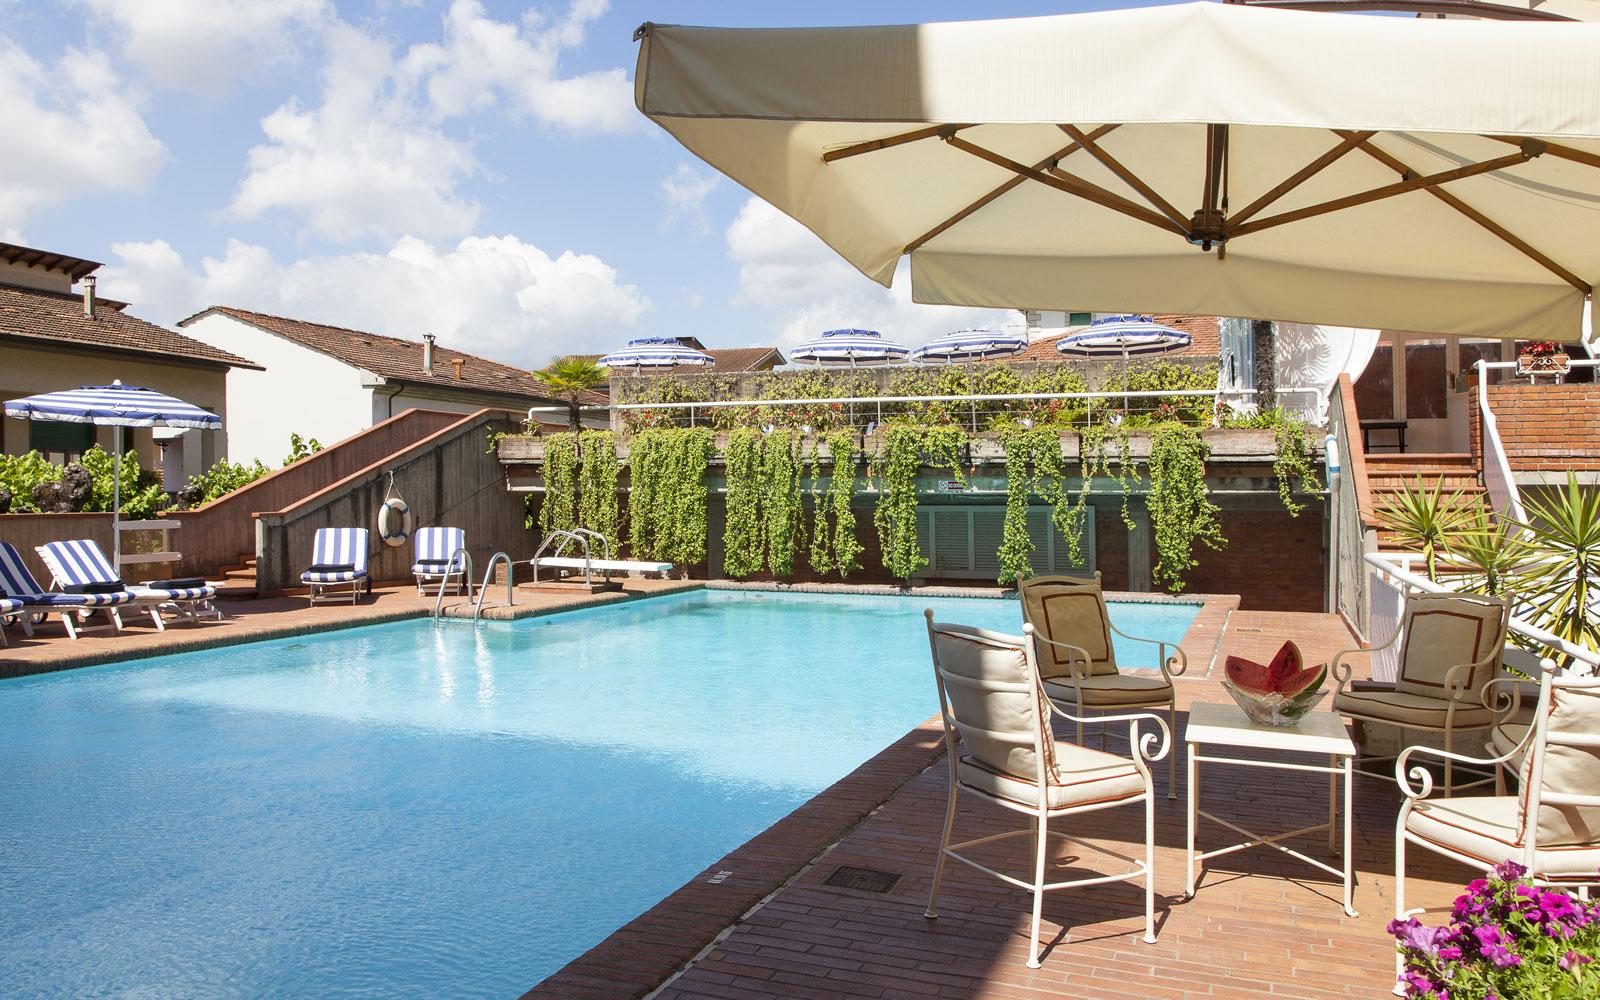 Hotel con piscina a montecatini terme for Hotel con piscina